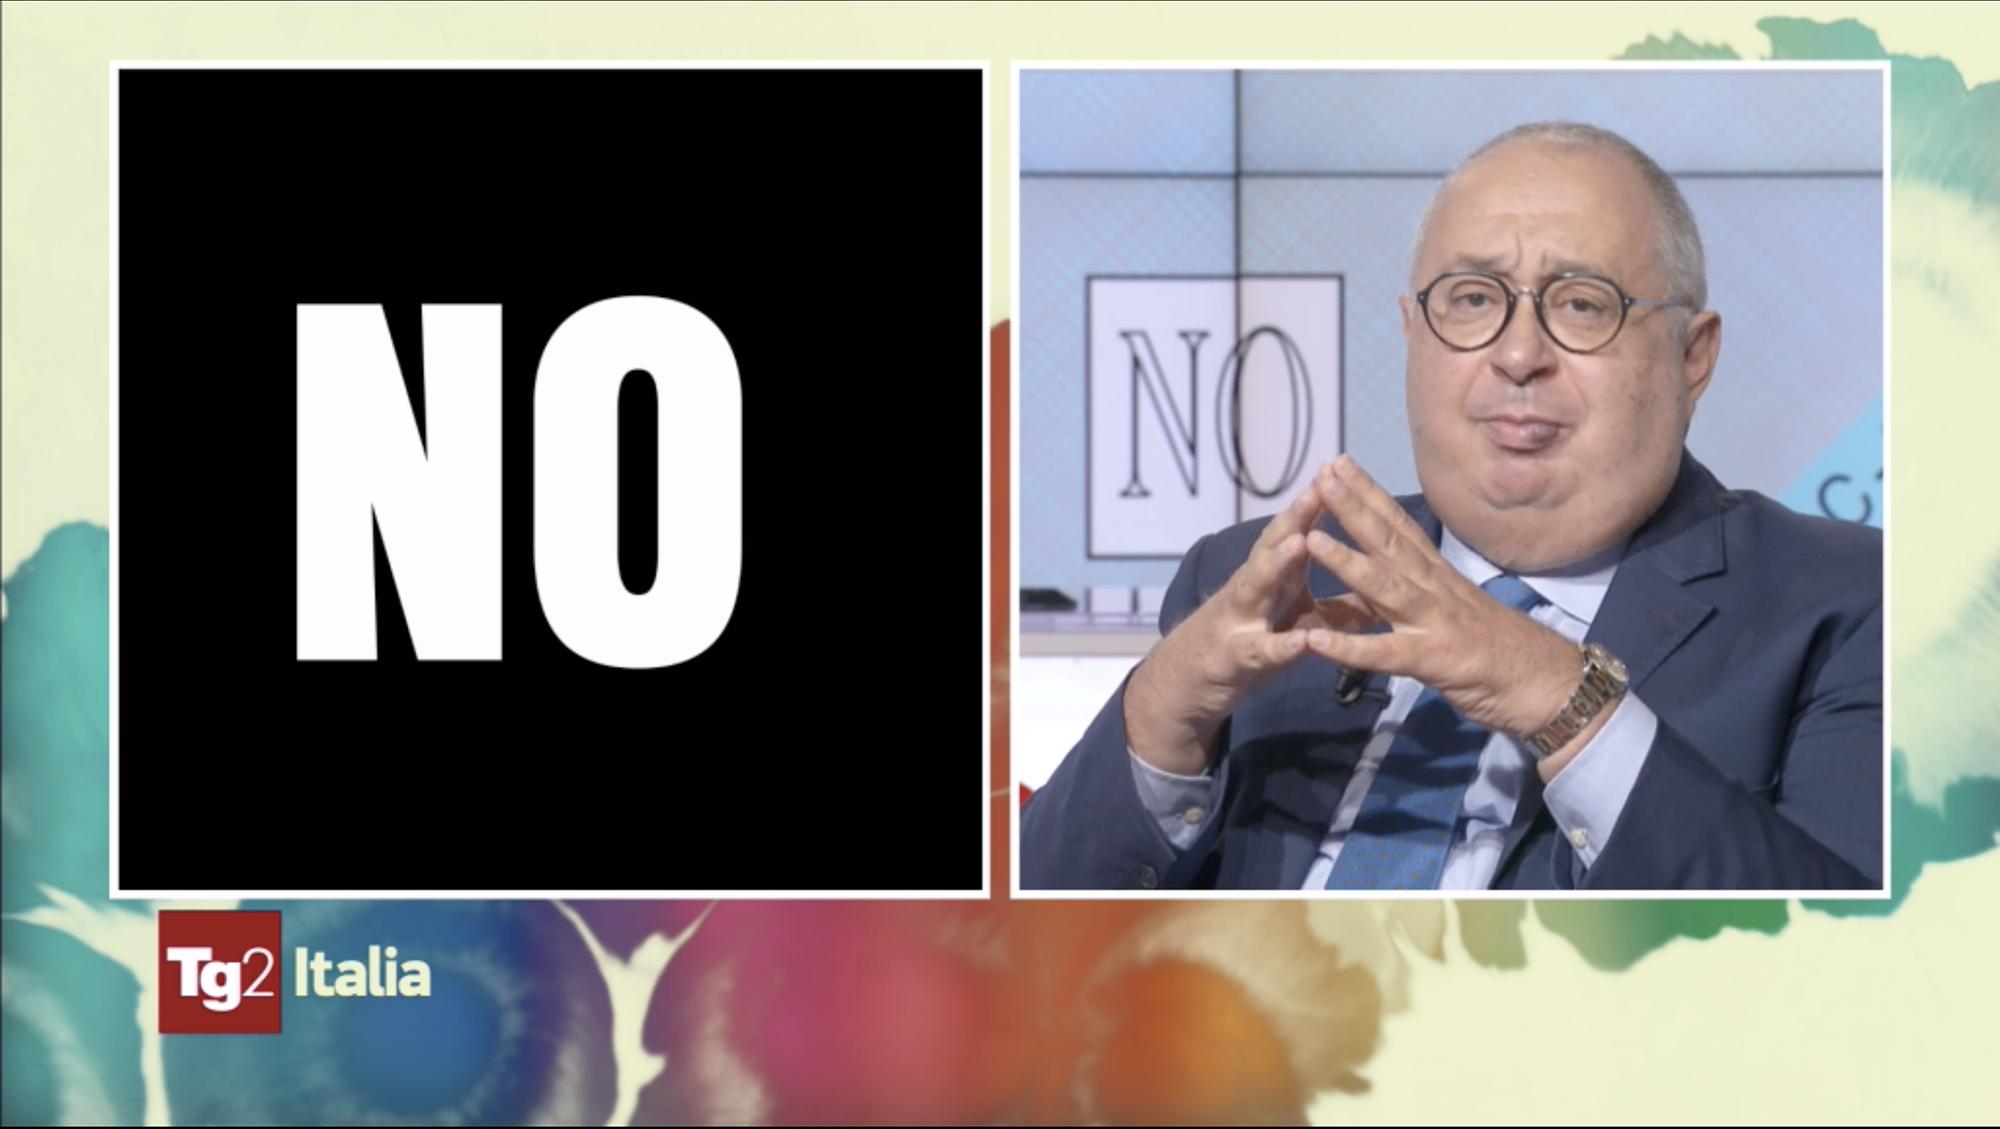 Il Presidente della Fondazione Einaudi spiega le ragioni del NO a Tg2 Italia